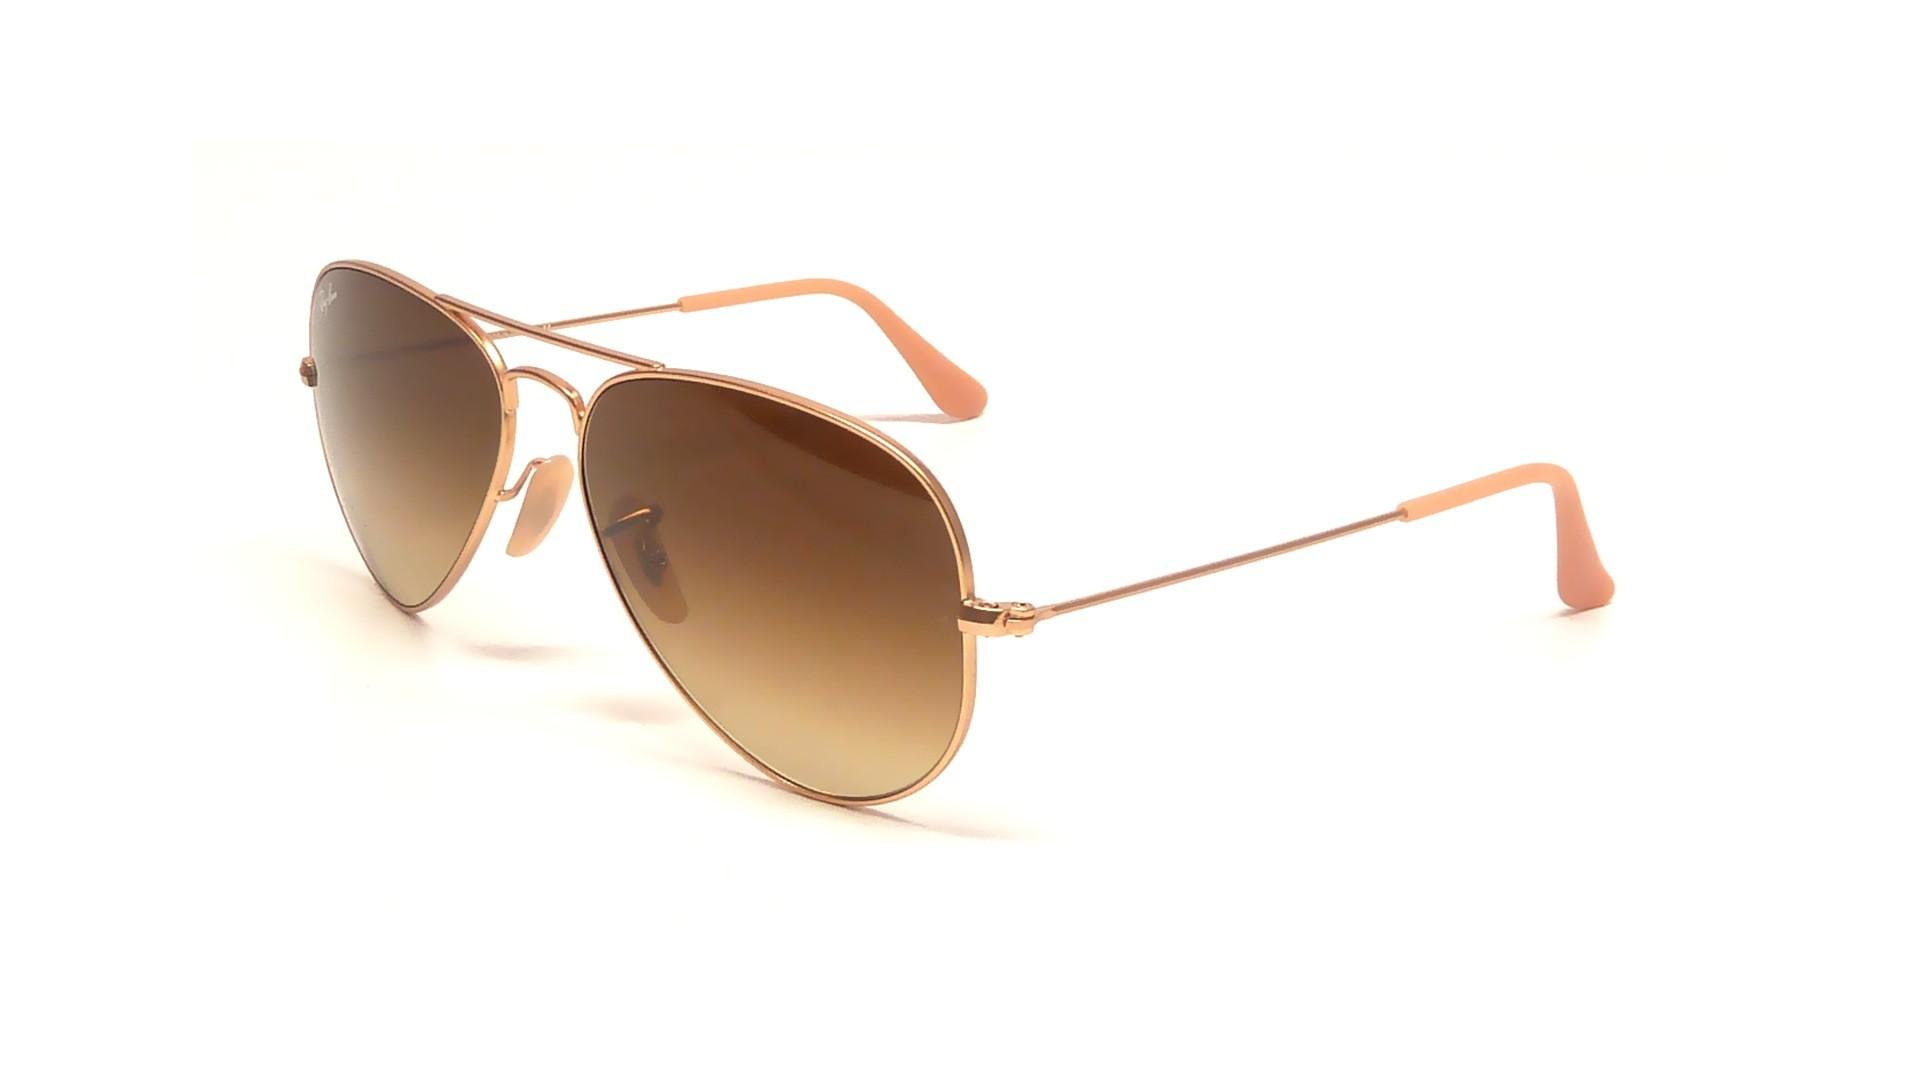 34744a63c75e6e Sonnenbrillen Ray-Ban Aviator Large Metal Gold RB3025 112/85 55-14 Small  Gradient Gläser